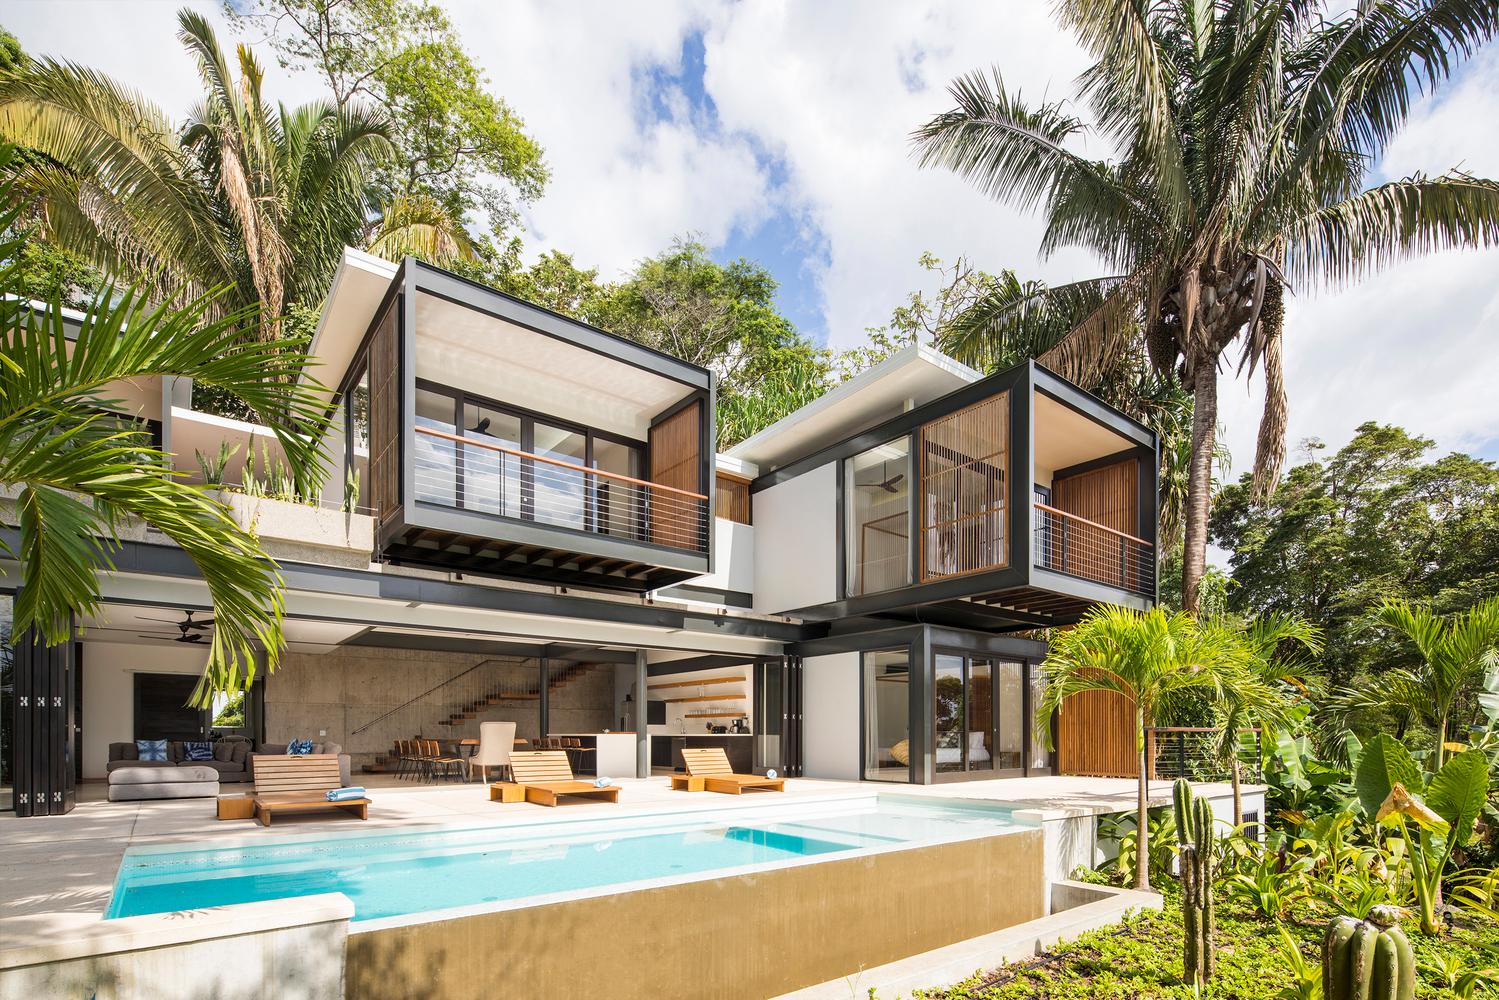 La casa si trova in Costa Rica, in una spettacolare enclave di Playa de Santa Teresa / Joya Villas